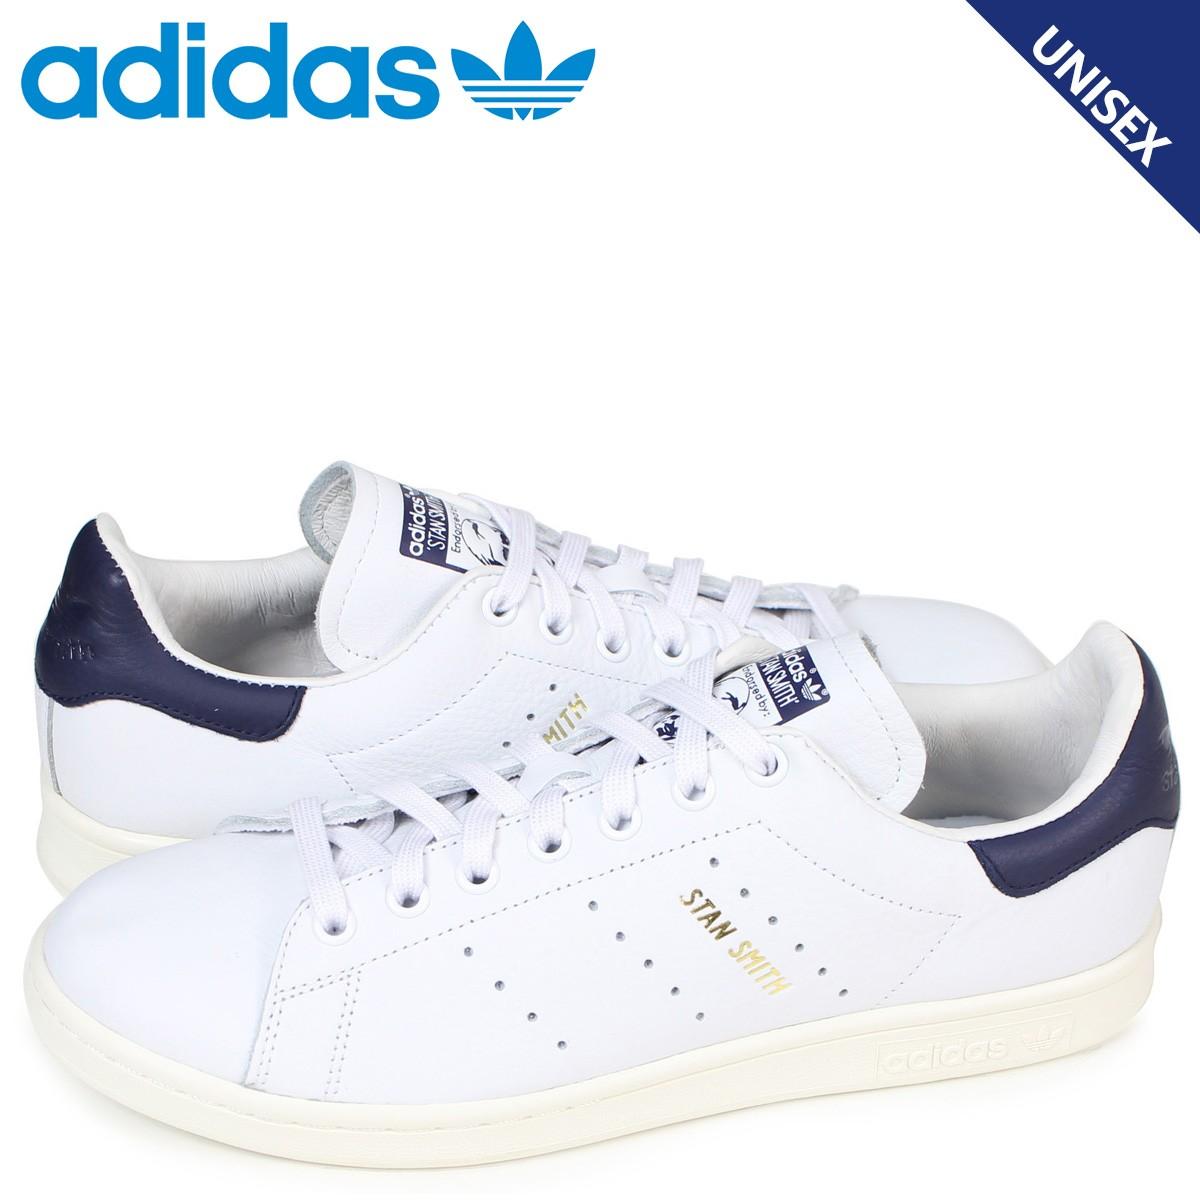 アディダス スタンスミス adidas Originals スニーカー STAN SMITH メンズ CQ2870 靴 ホワイト [1/16 追加入荷]